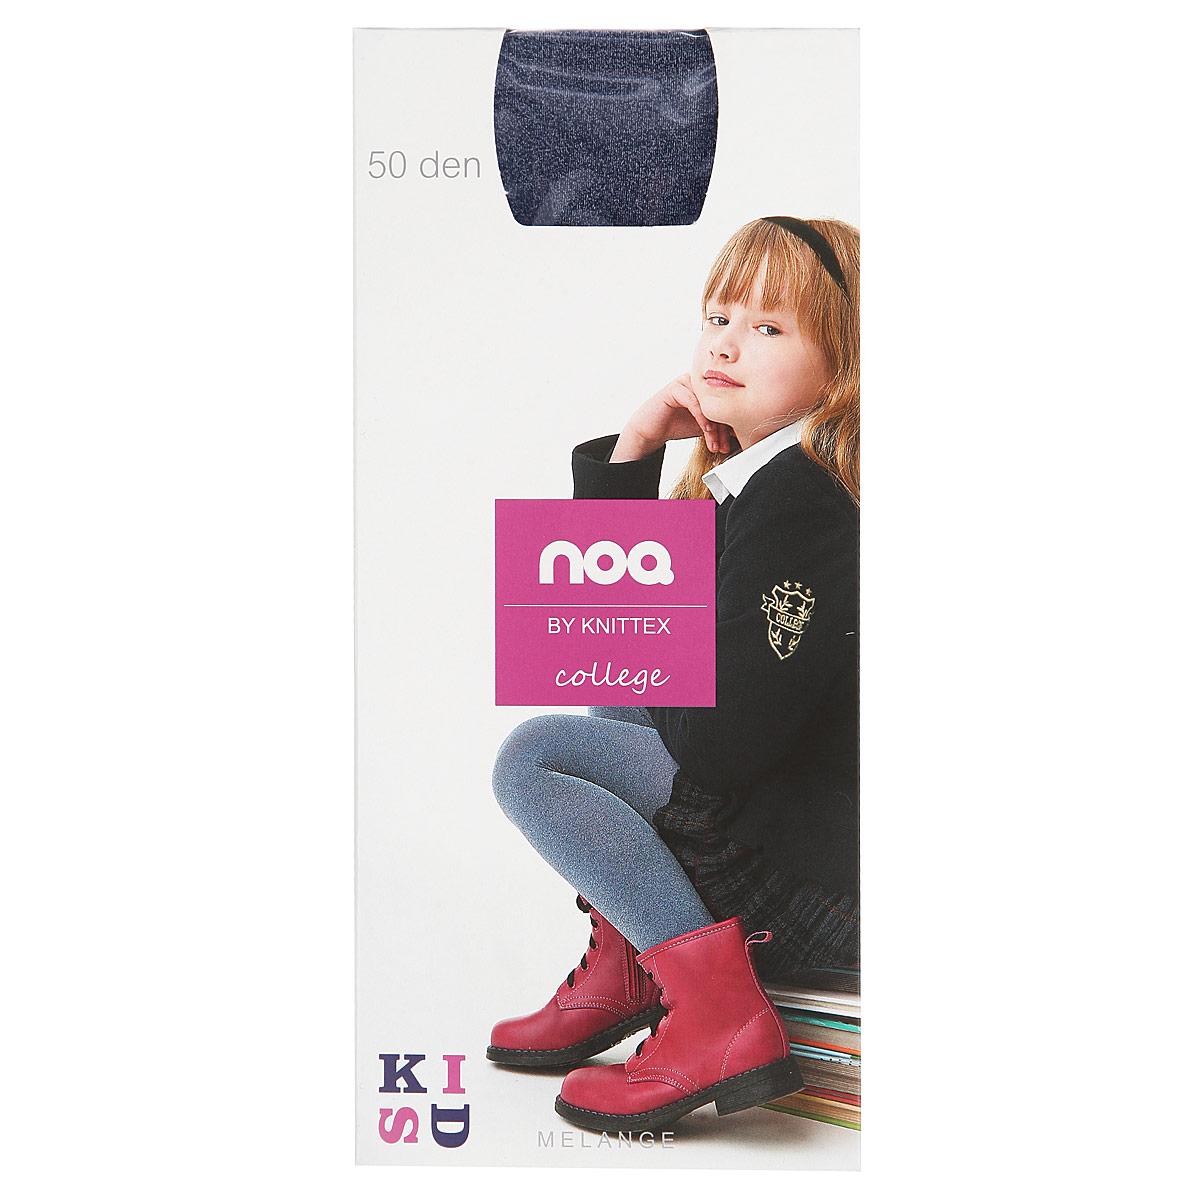 Колготки для девочки Knittex Noo College, цвет: синий меланж. RDZCOLLEGE_1. Размер 152/158, 14-15 летRDZCOLLEGE_1Классические детские колготки Knittex Noo College изготовлены специально для девочек.Чрезвычайно мягкие и эластичные колготки имеют широкую резинку и комфортные плоские швы. Теплые и прочные, эти колготки равномерно облегают ножки, не сдавливая и не доставляя дискомфорта. Эластичные швы и мягкая резинка на поясе не позволят колготам сползать и при этом не будут стеснять движений. Входящие в состав ткани полиамид и эластан предотвращают растяжение и деформацию после стирки. Однотонная расцветка позволит сочетать эти колготки с любыми нарядами маленькой модницы.Классические колготки - это идеальное решение на каждый день для прогулки, школы, яслей или садика. Такие колготки станут великолепным дополнением к гардеробу вашей красавицы.